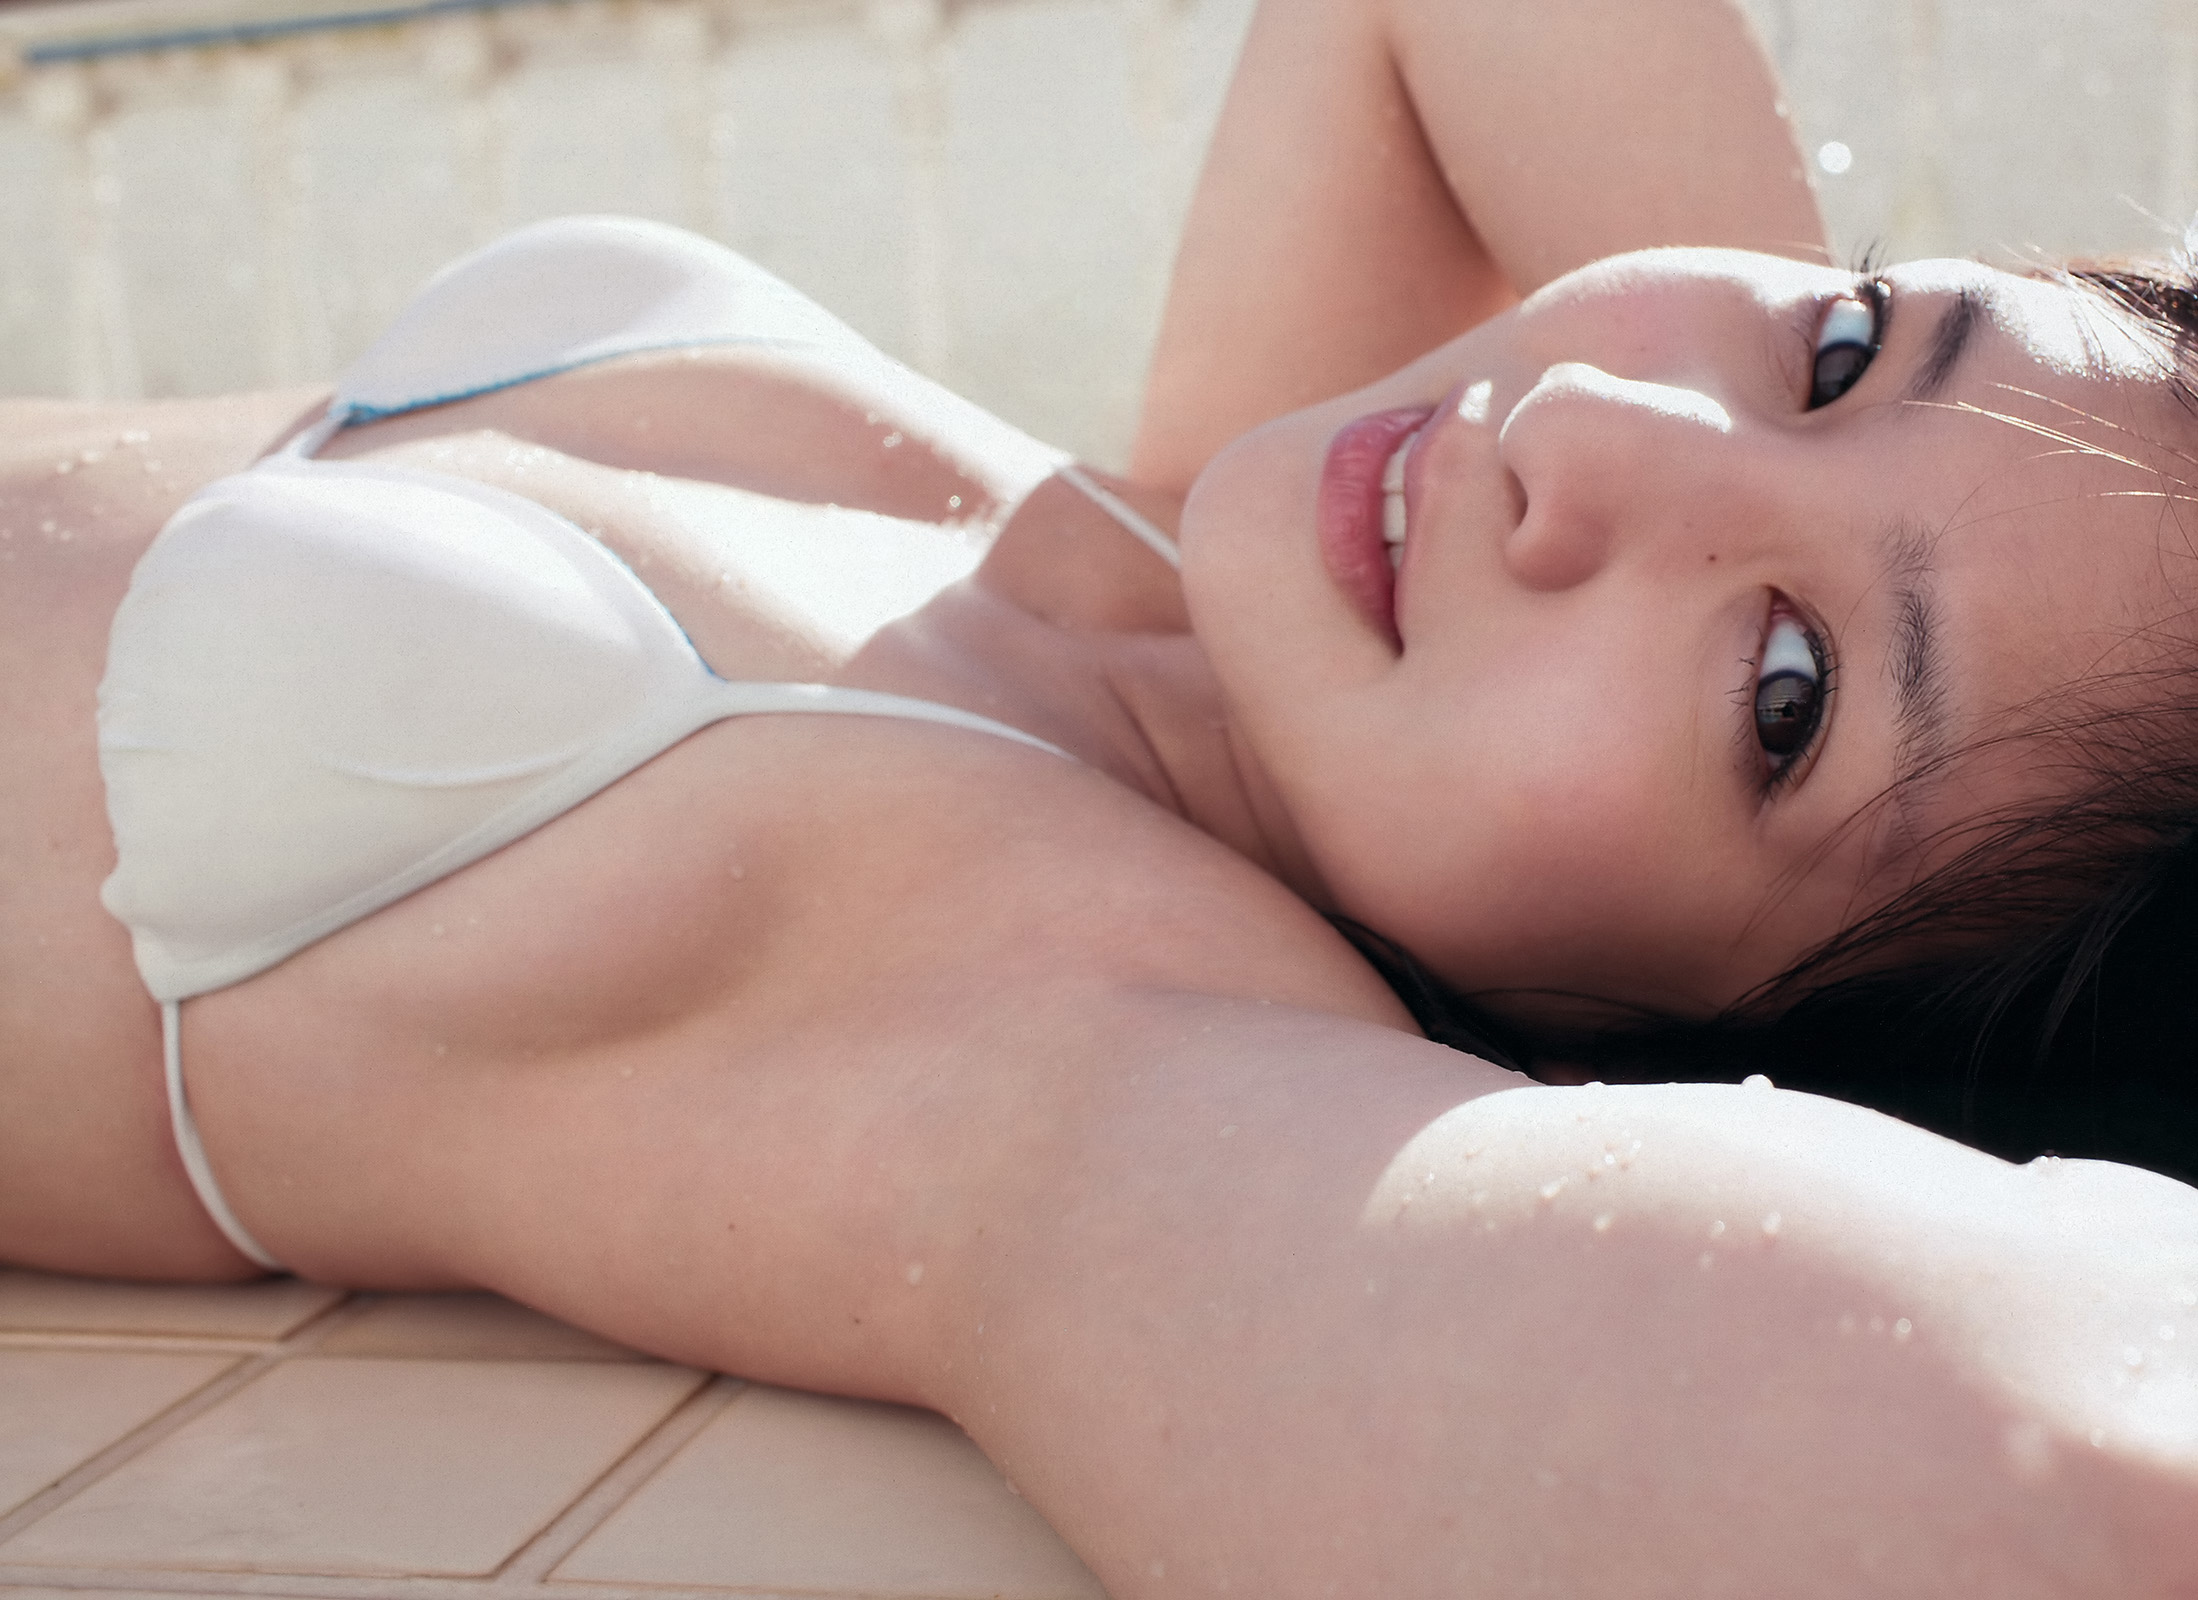 http://livedoor.blogimg.jp/bookuma/imgs/2/a/2a1a65e2.jpg